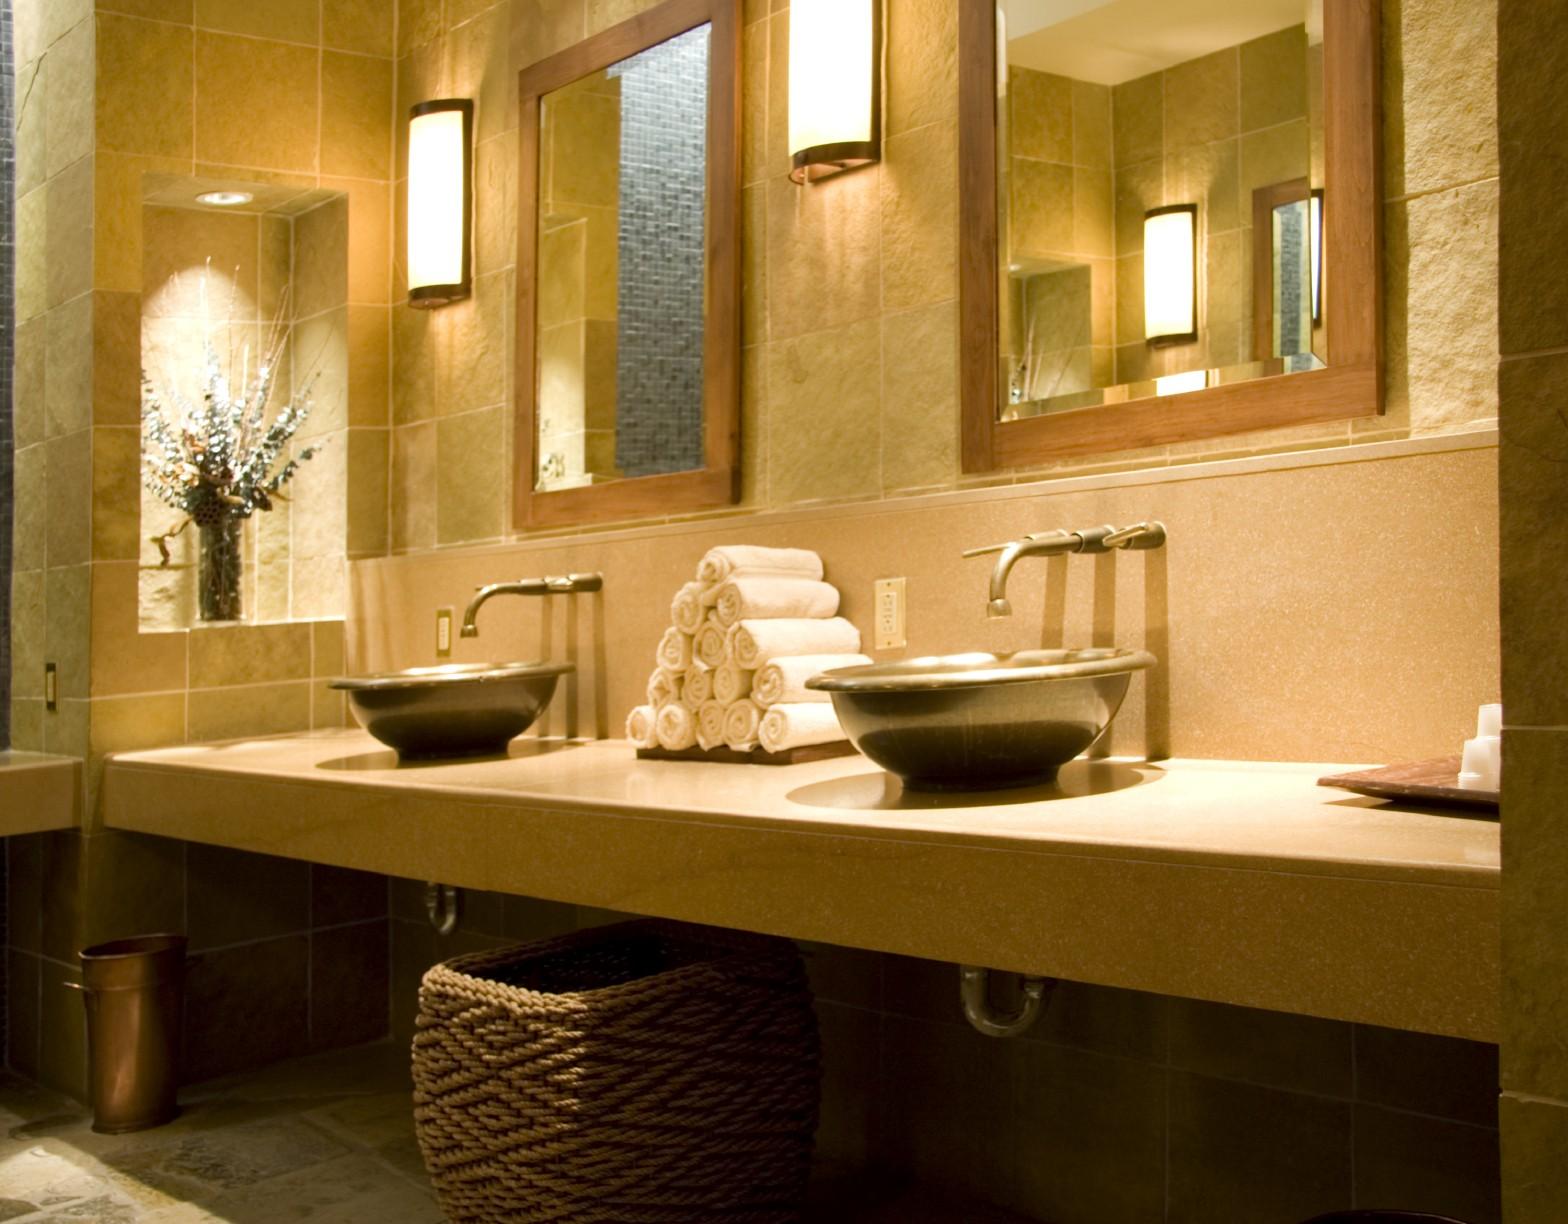 spa bathroom gallery photo - 10